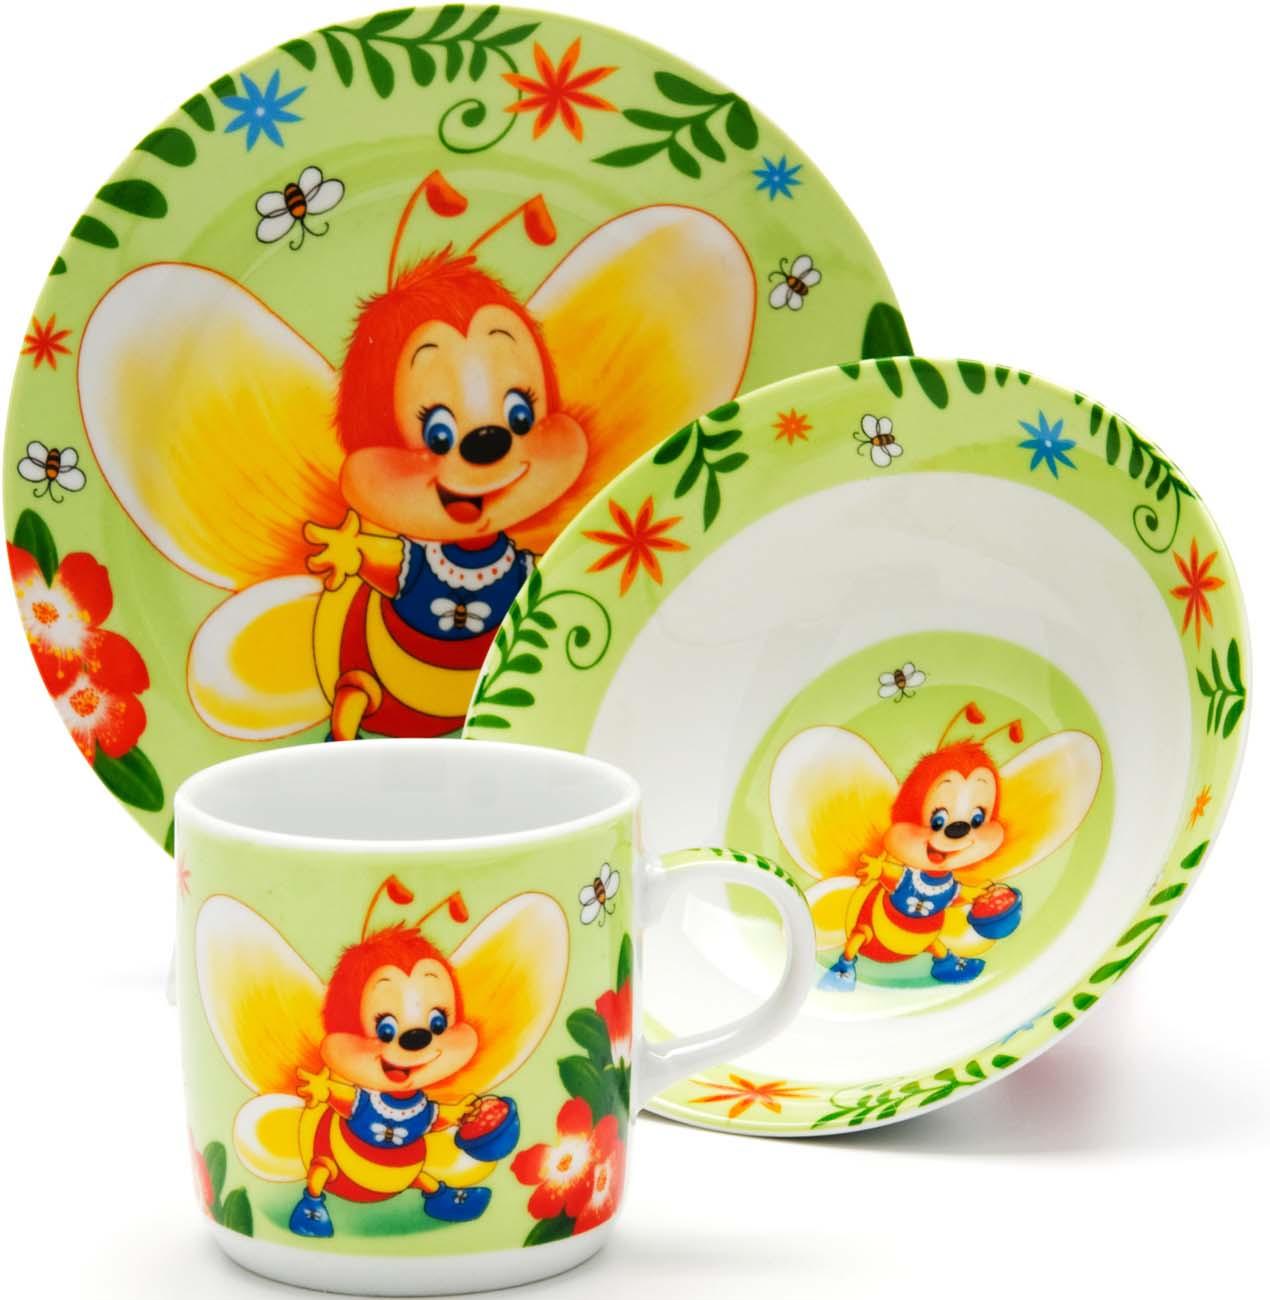 Набор детской посуды Loraine Пчелка, цвет: салатовый, желтый, красный, 3 предмета набор для педикюра 3 предмета мультидом цвет салатовый